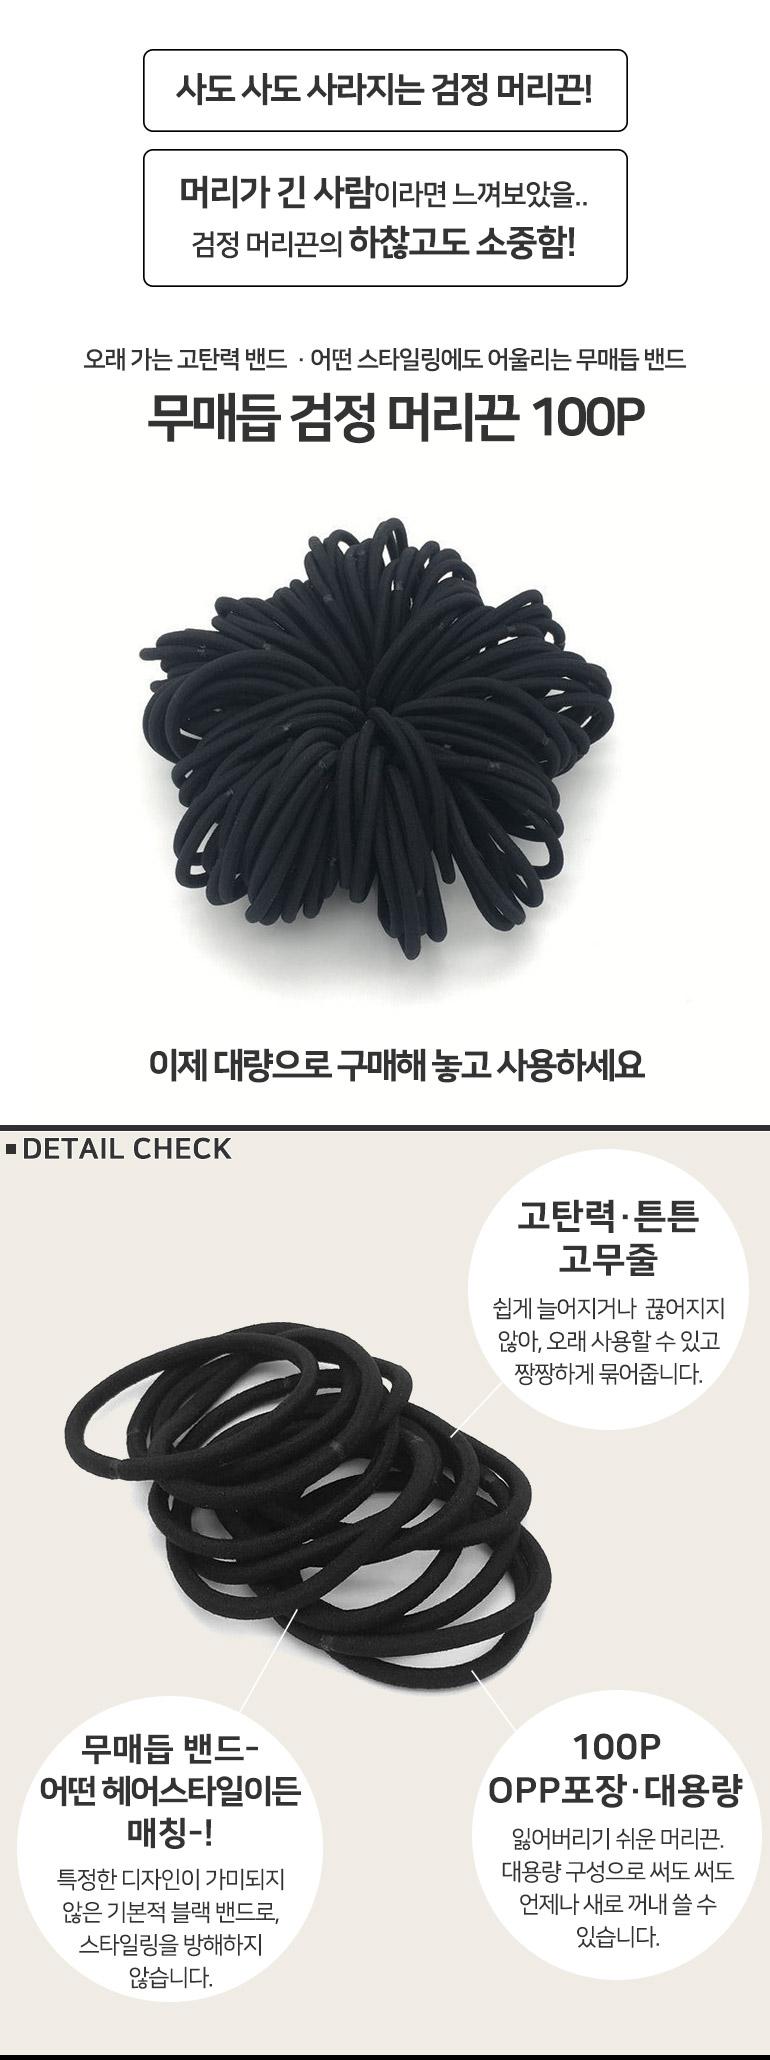 매듭없는 검정 머리끈 100P - 리빙마켓, 6,000원, 헤어핀/밴드/끈, 헤어핀/끈